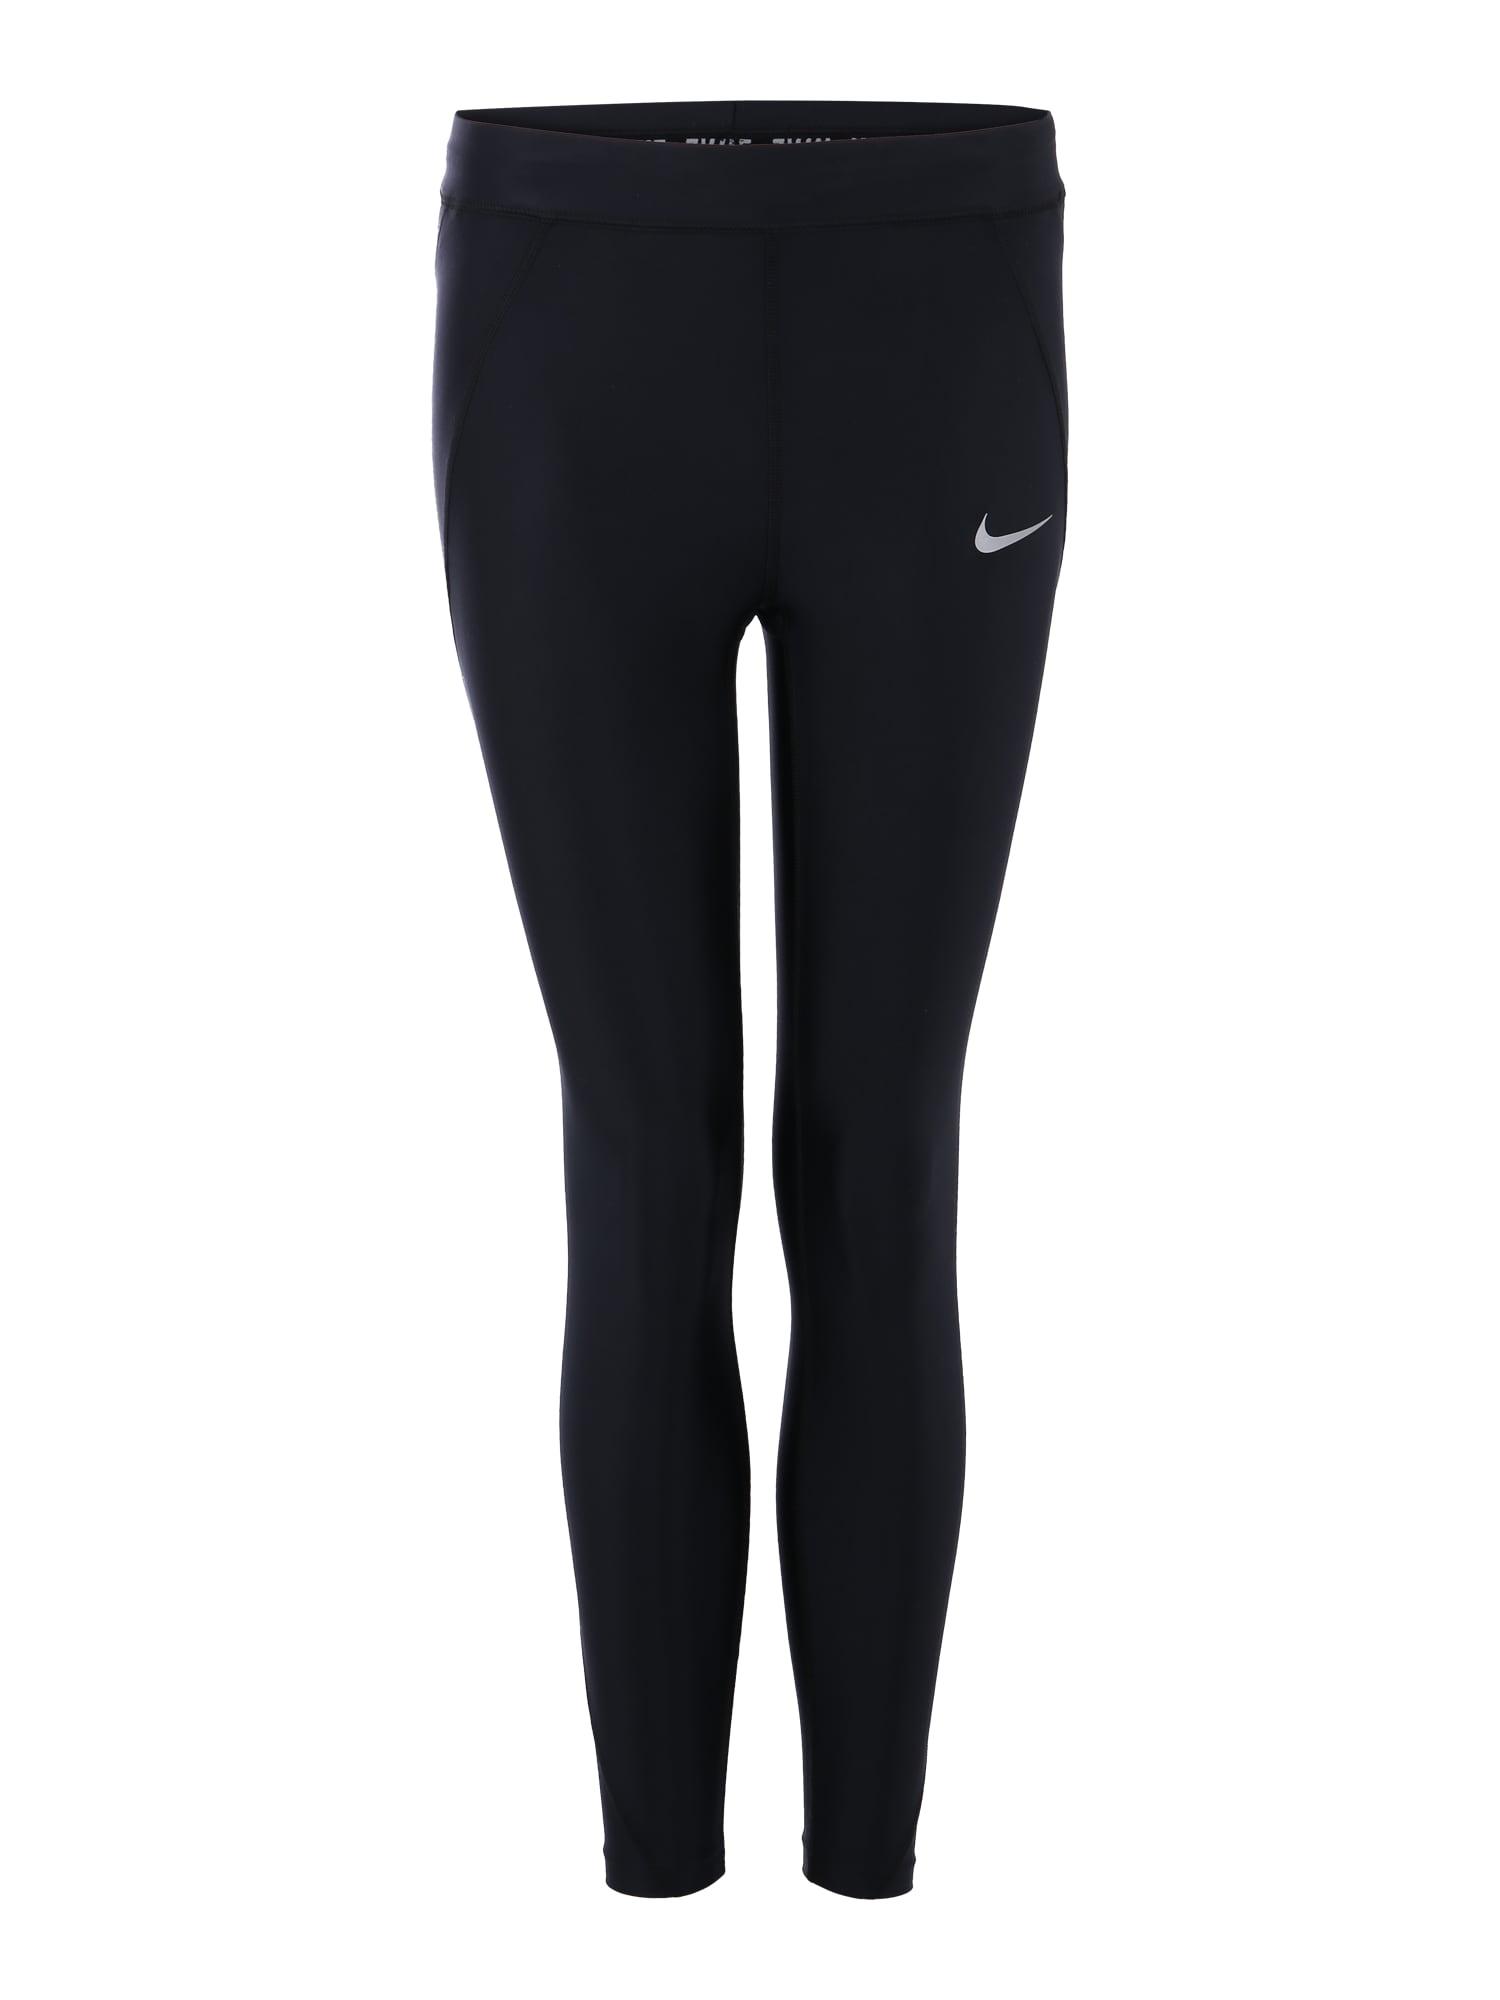 Sporthose | Sportbekleidung > Sporthosen > Sonstige Sporthosen | Nike